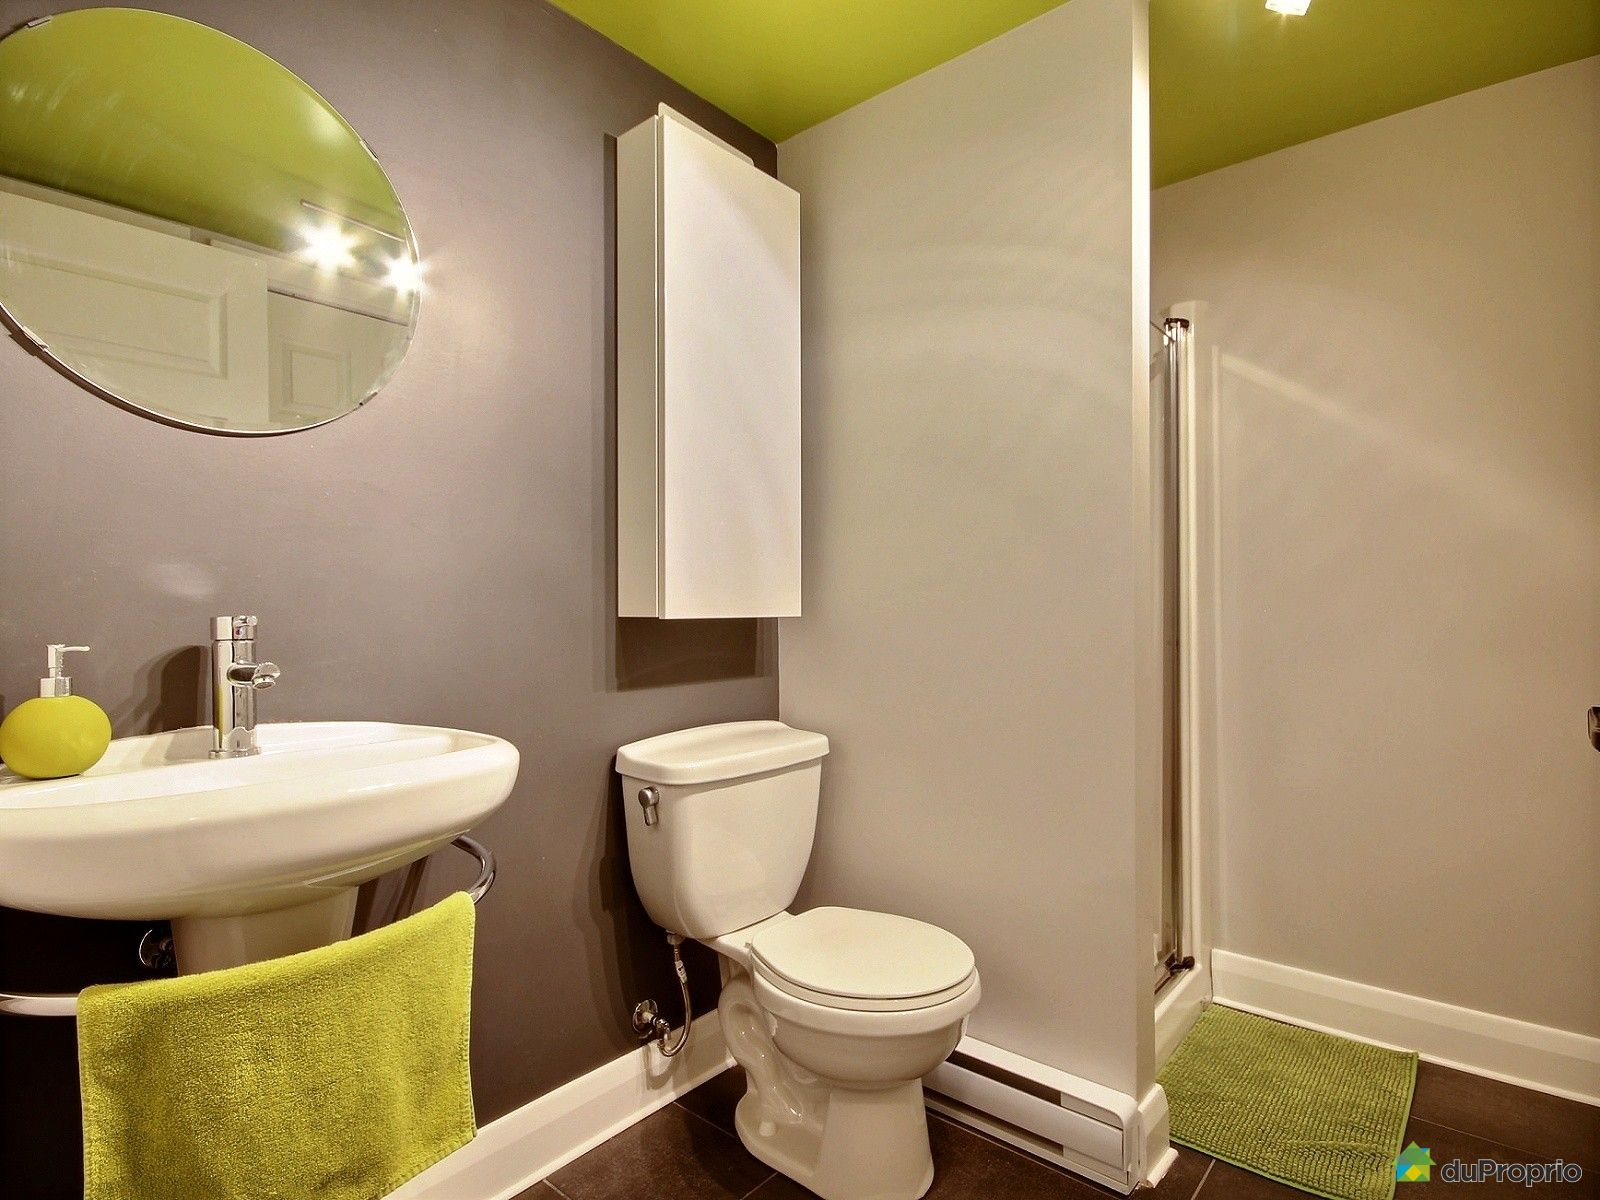 Maison vendre boisbriand 1440 rue des francs bourgeois for Prix salle de bain sous sol